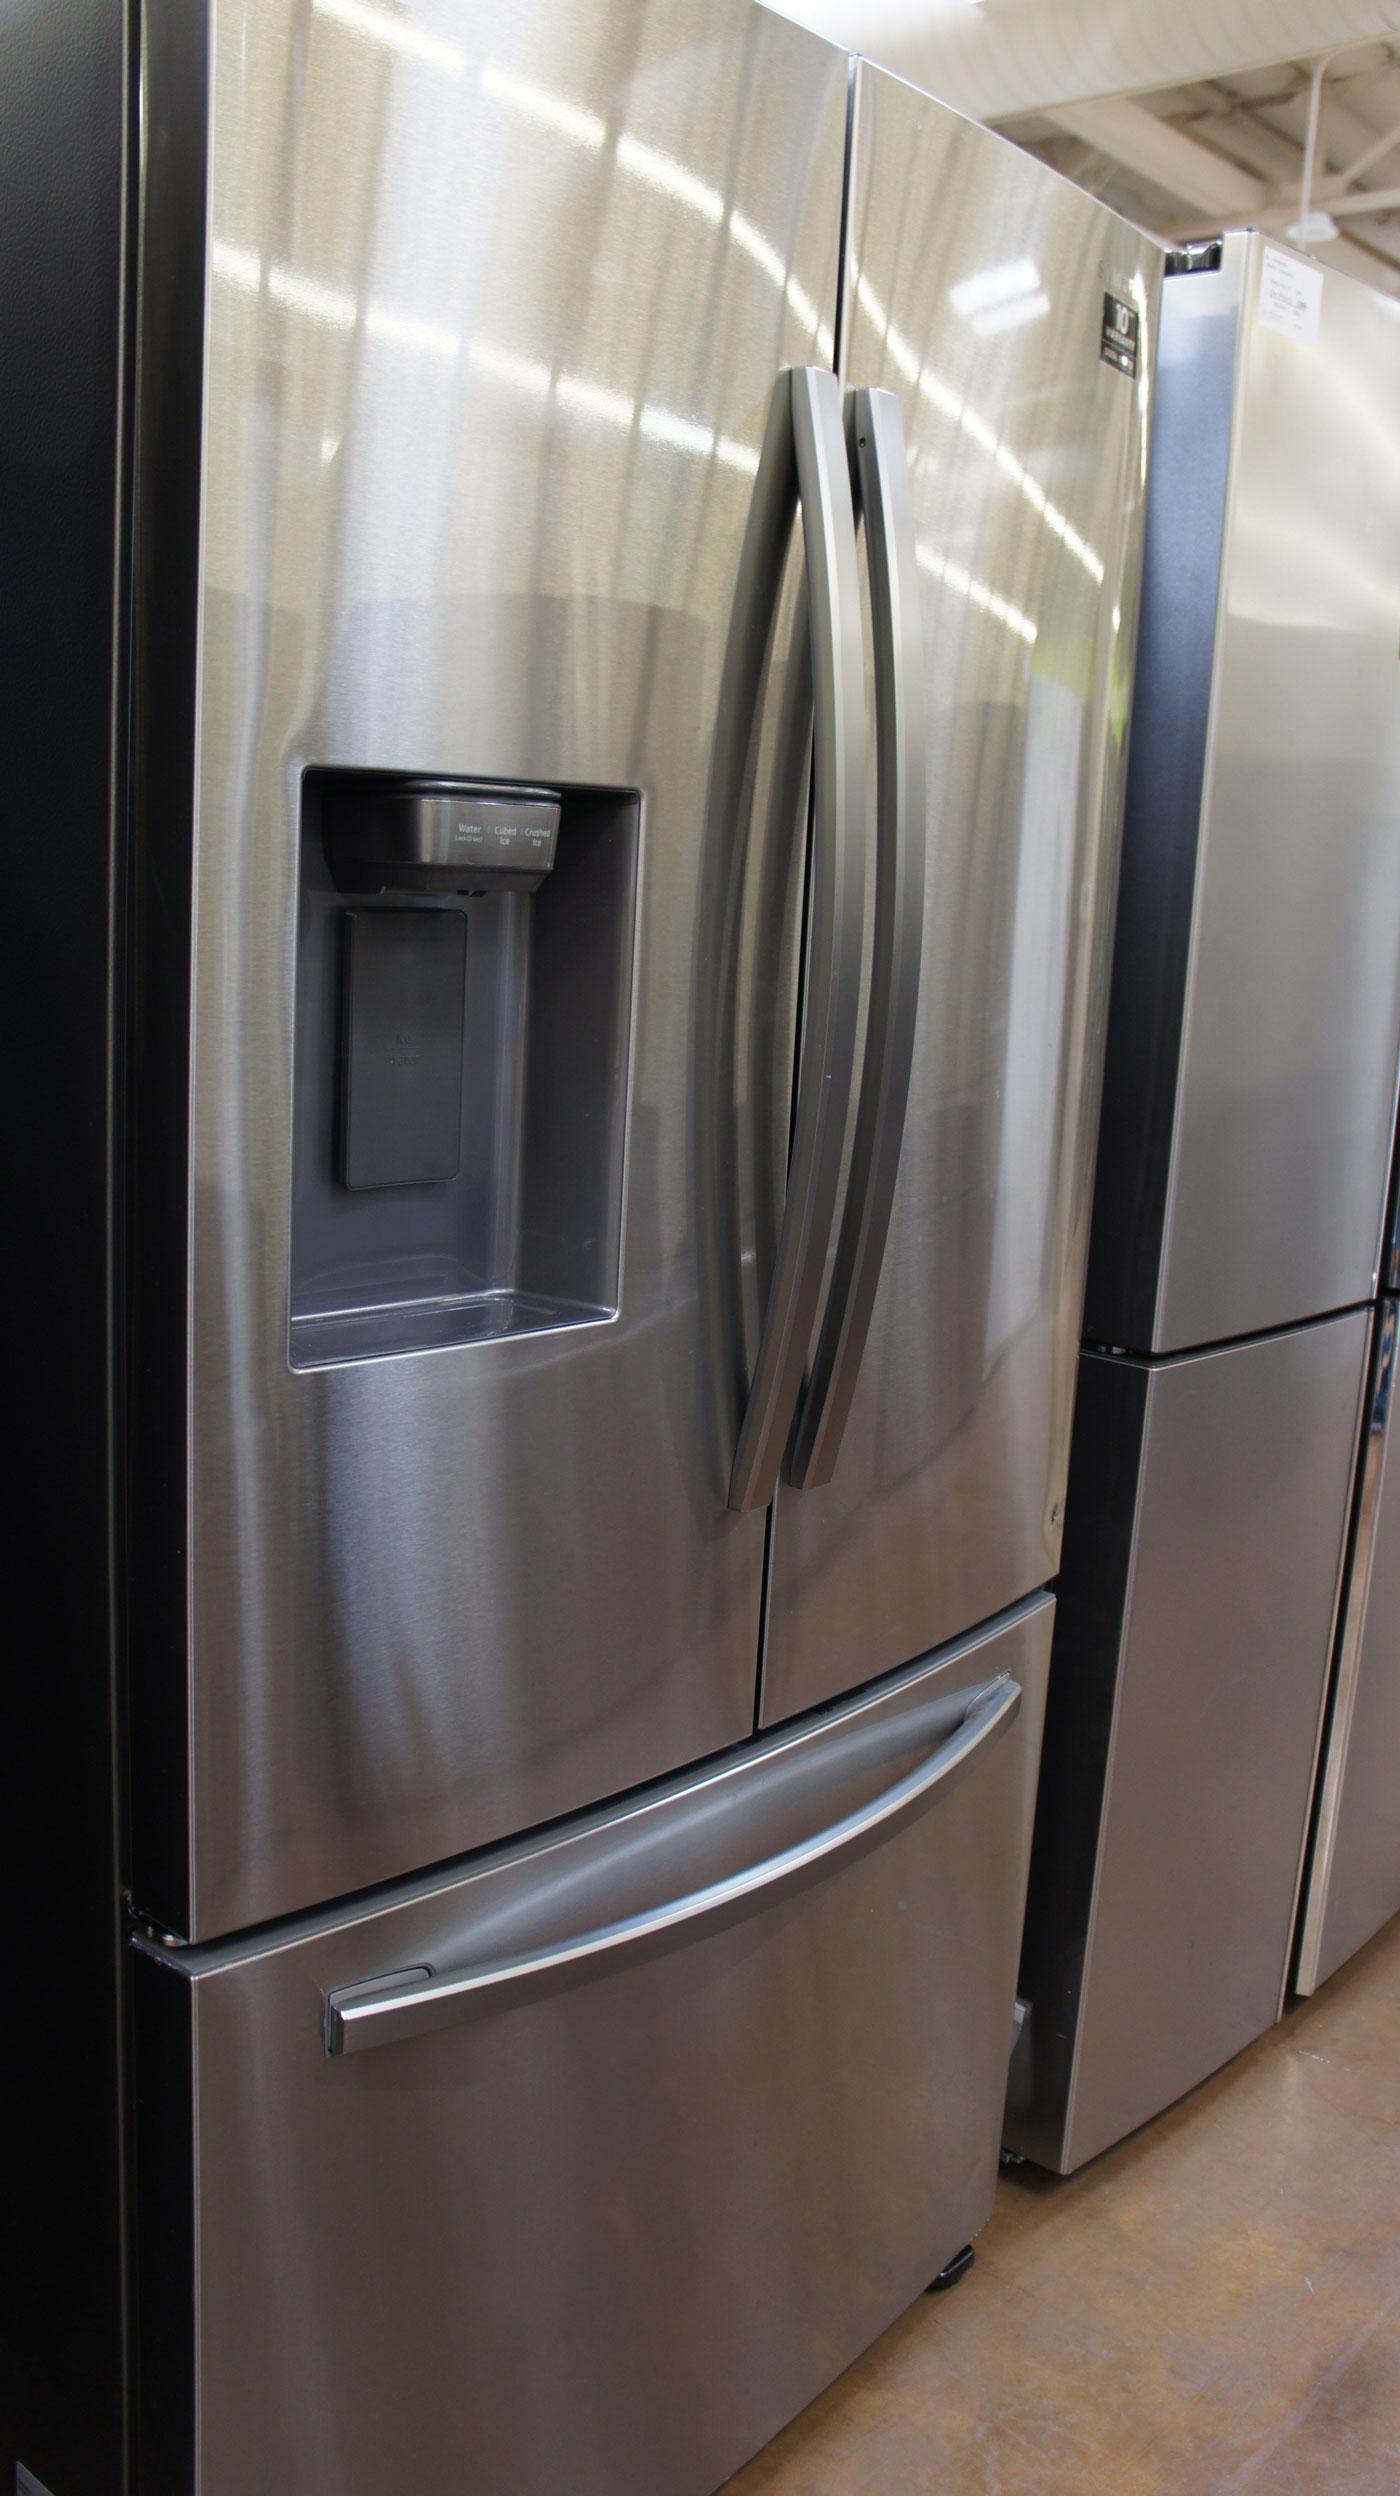 Samsung RF27T5241SR French Door